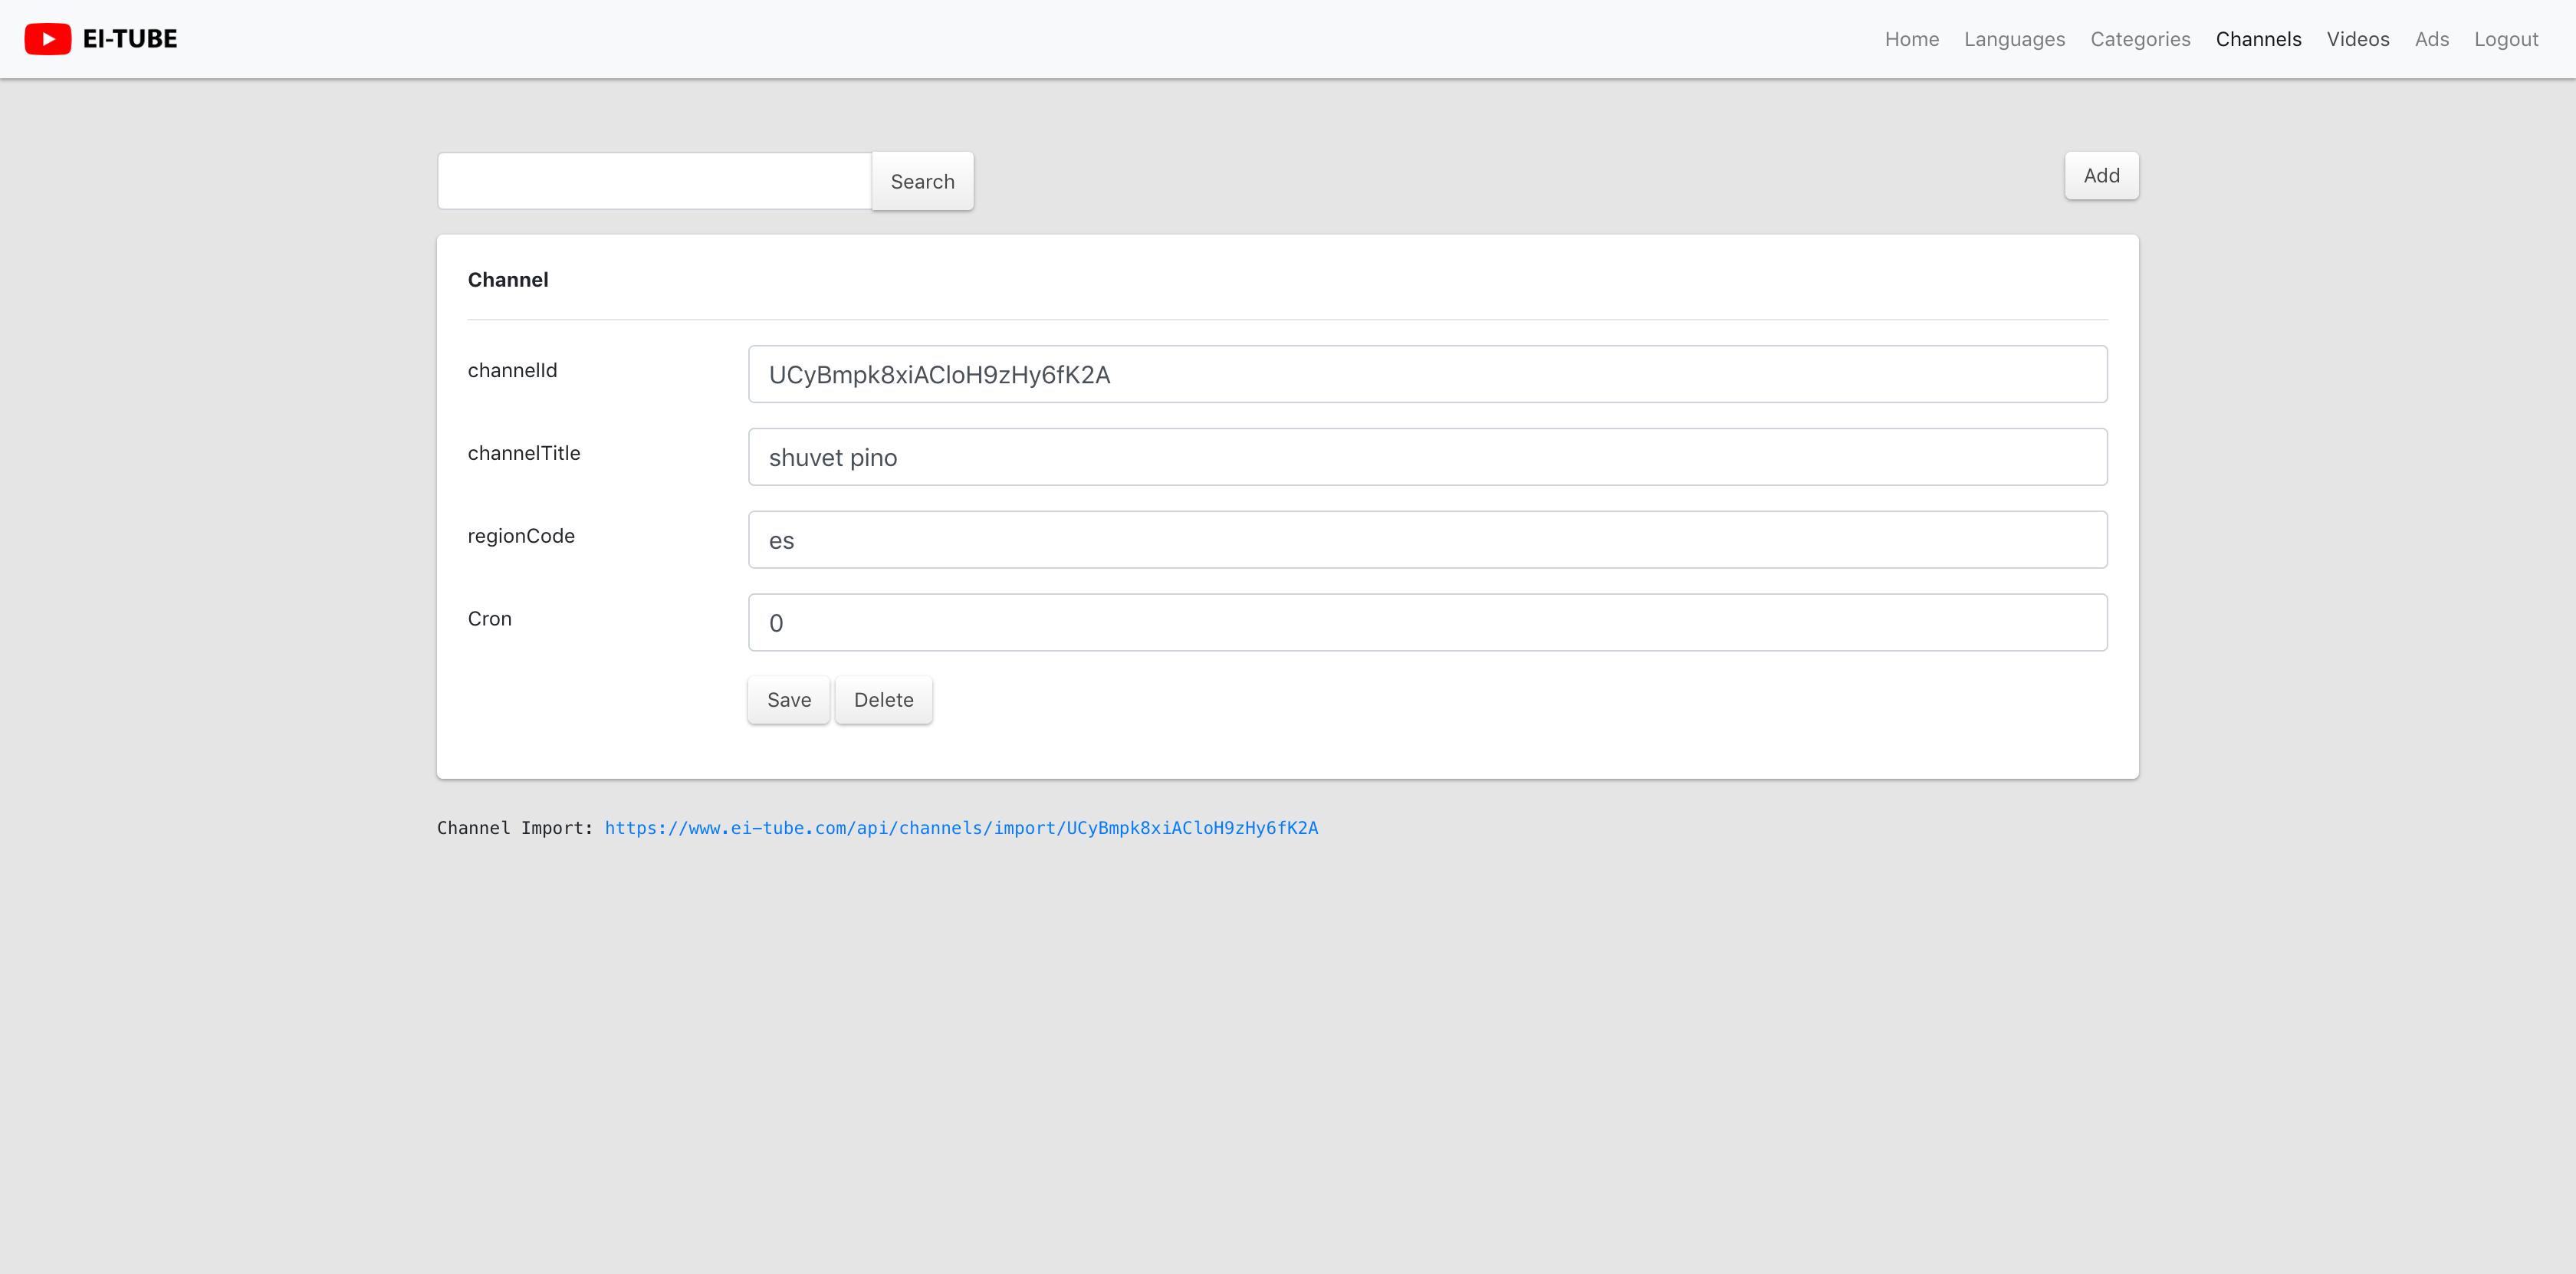 EI-Tube - YouTube API V3 site builder